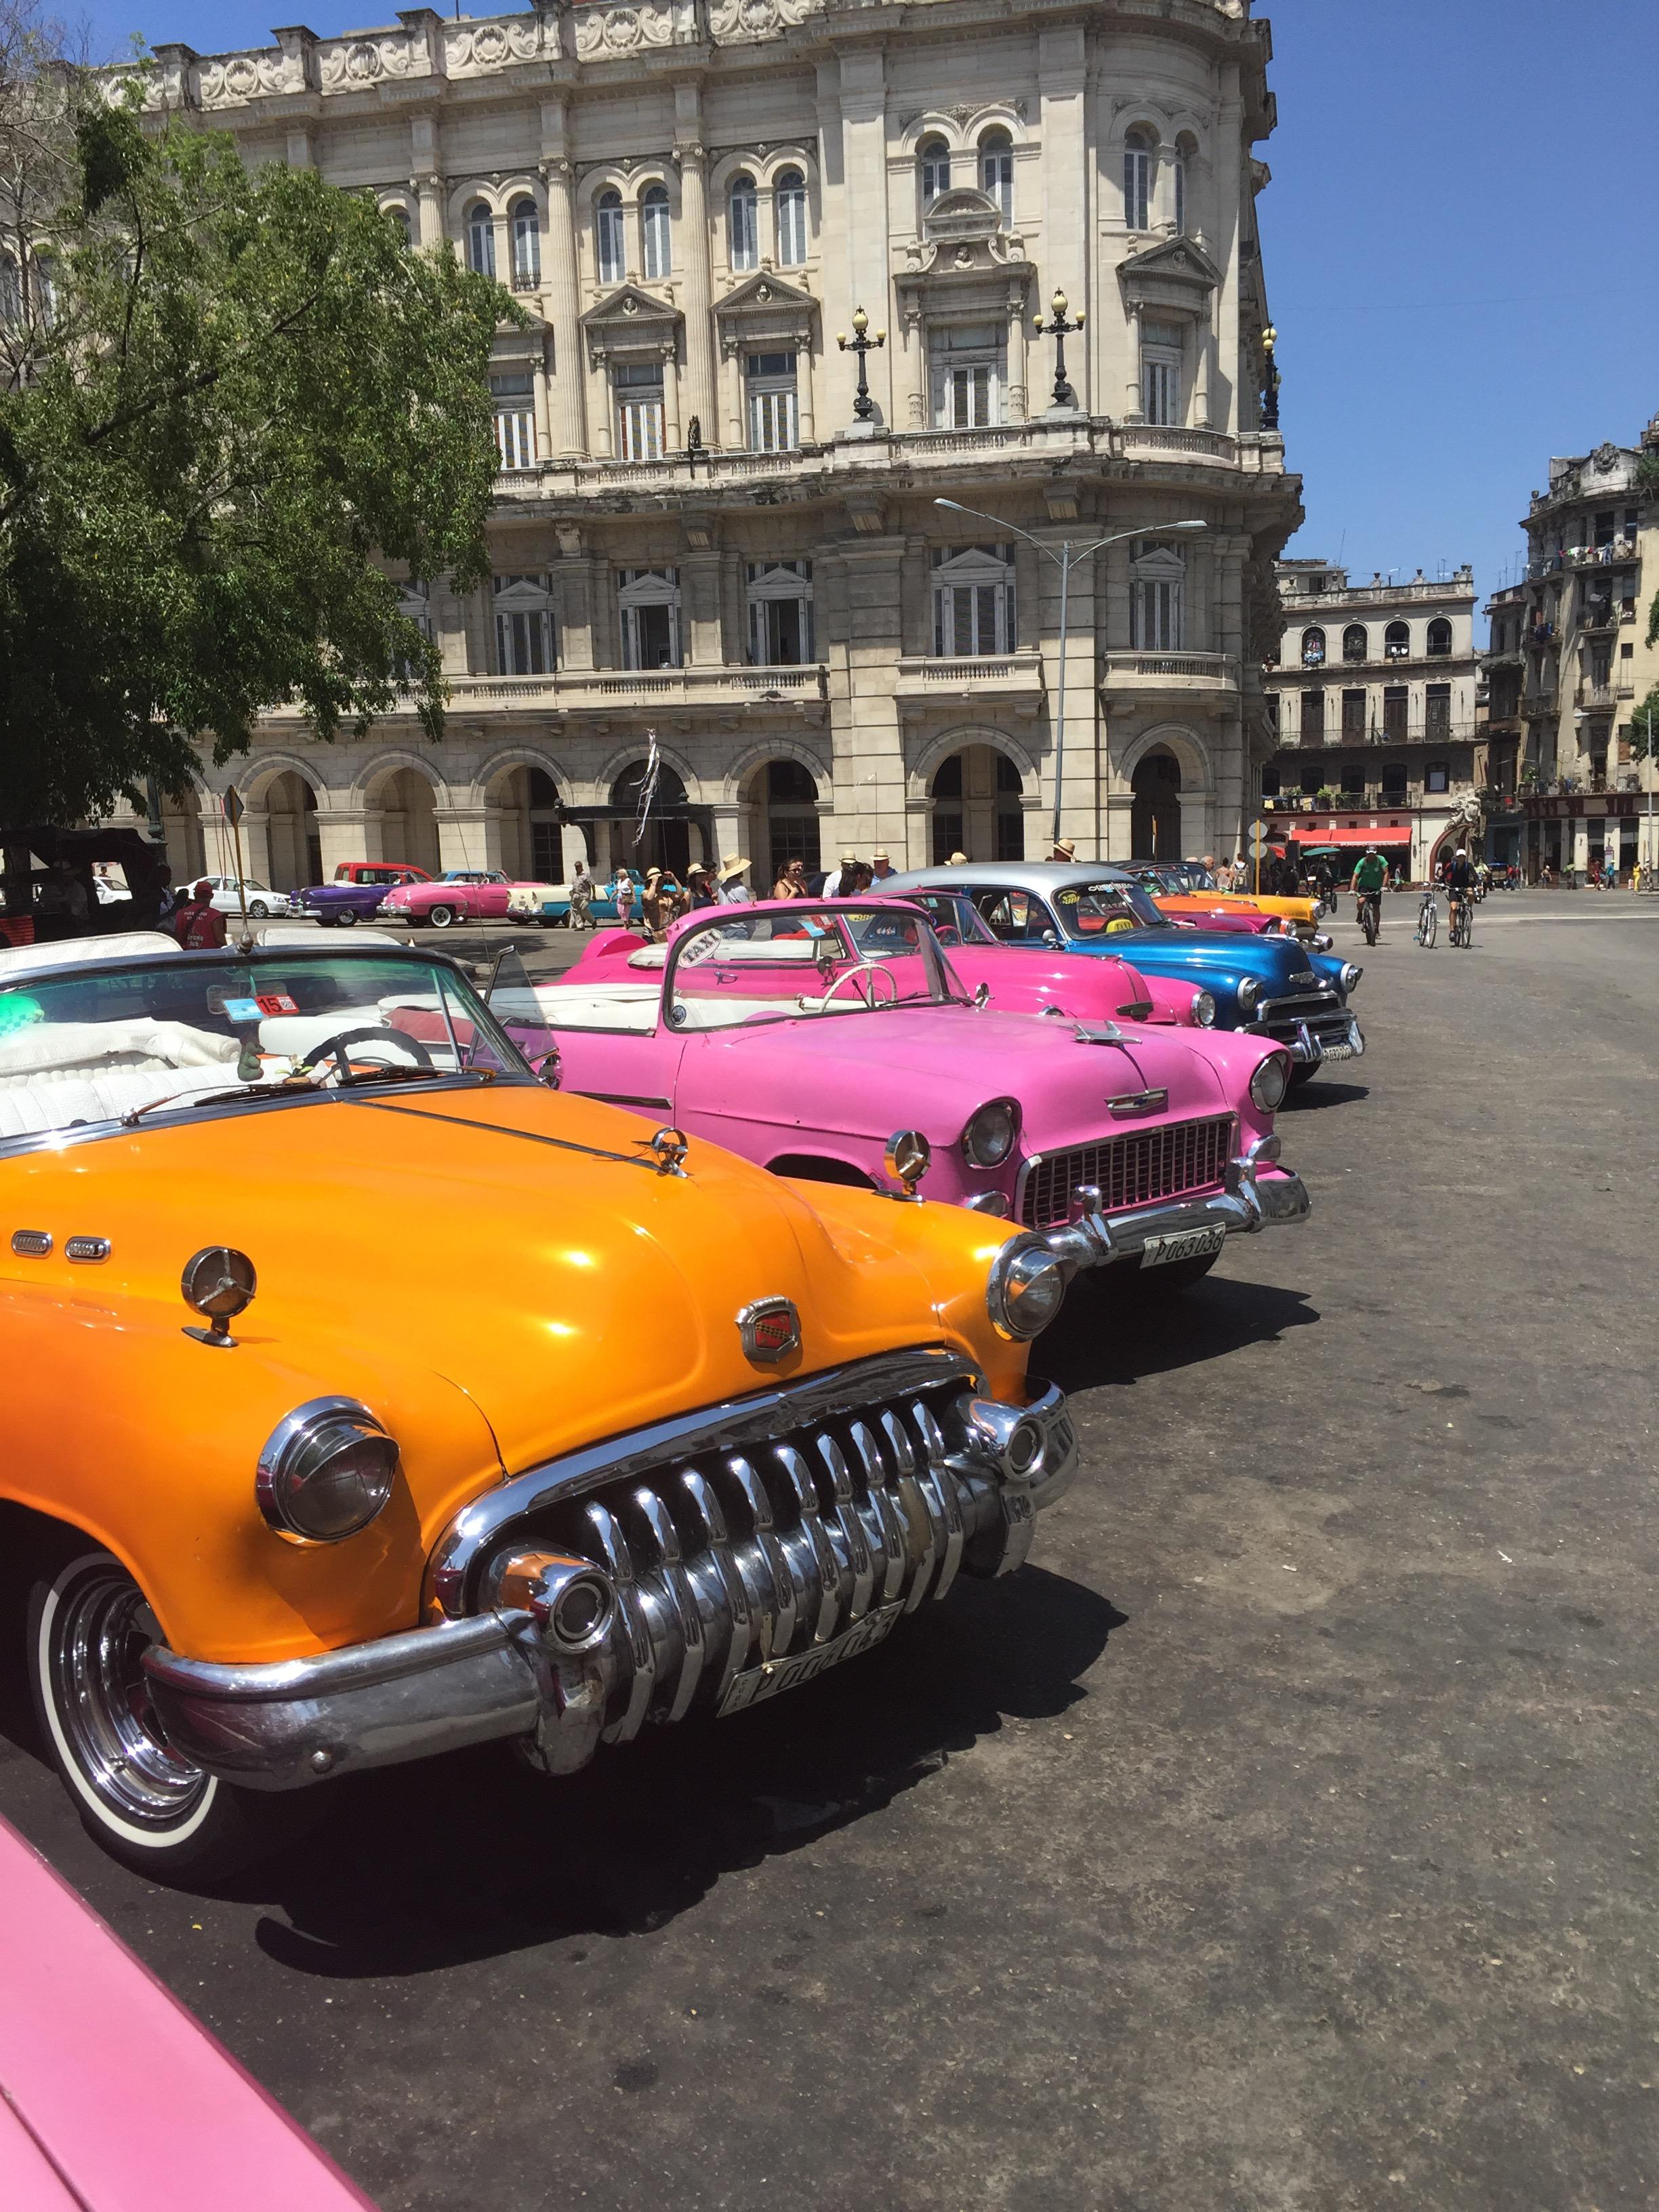 السيارات الكلاسيكية في هافانا